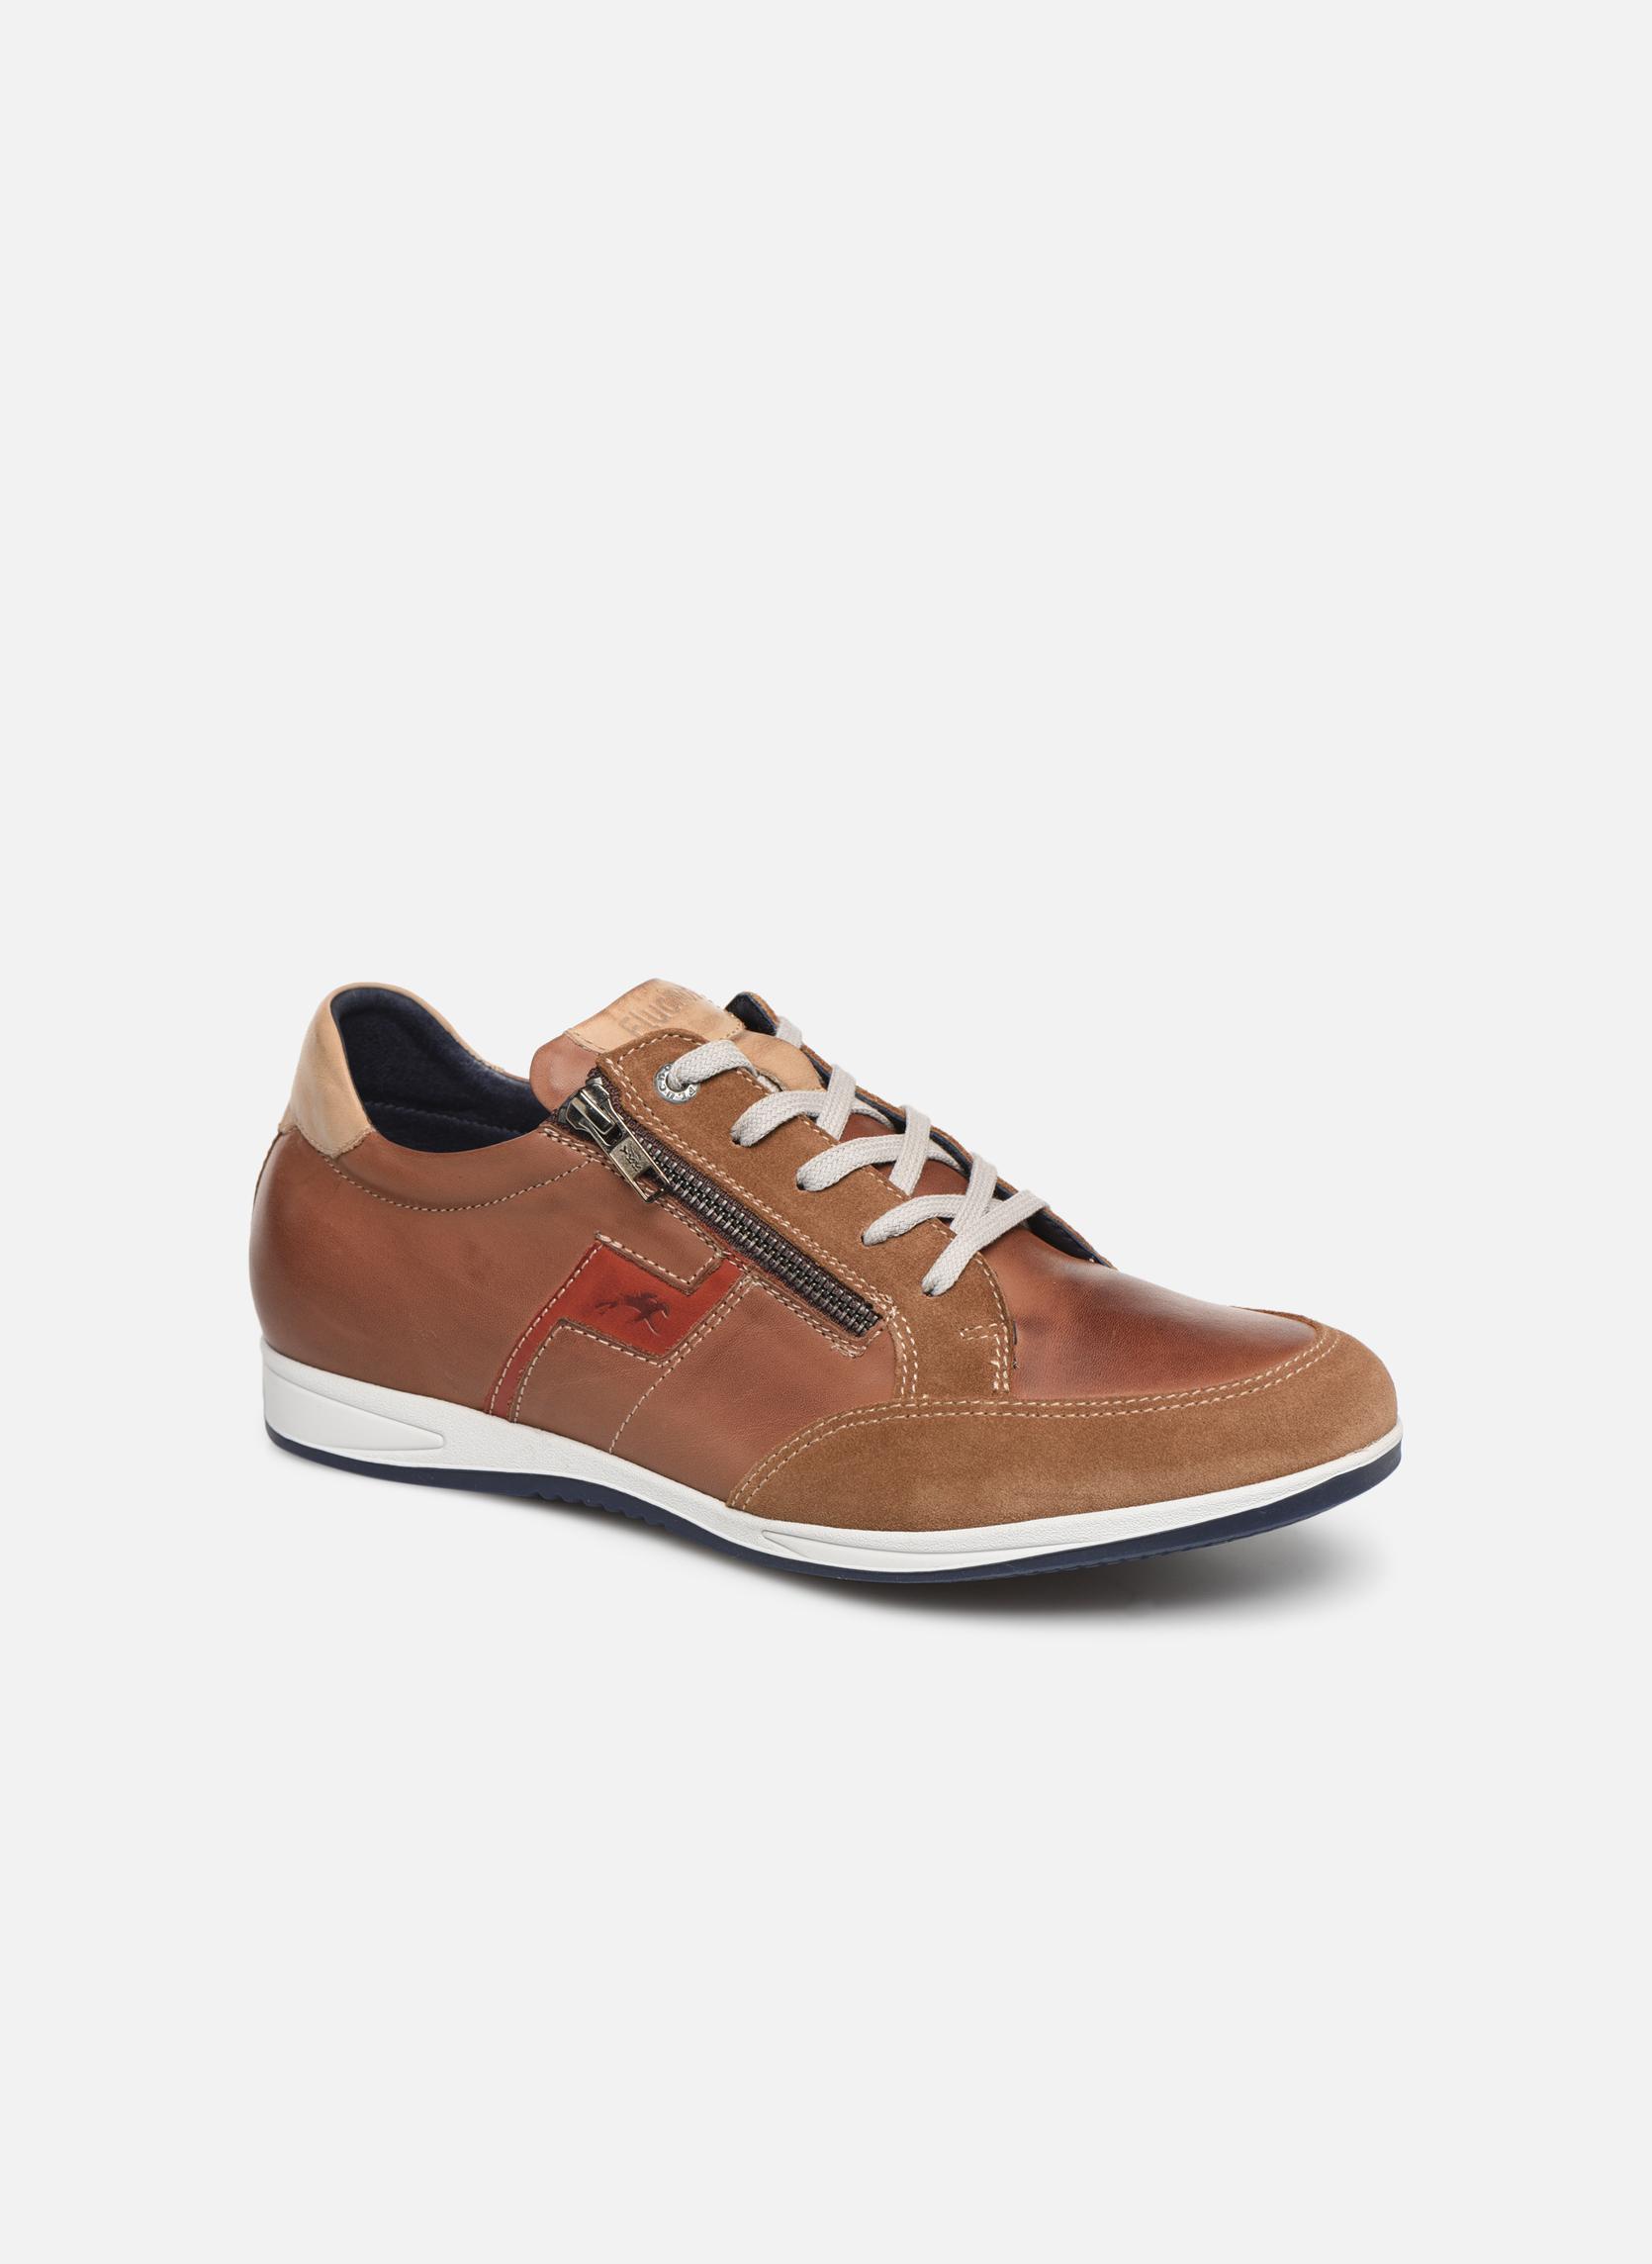 Sneakers Daniel F0207 by Fluchos